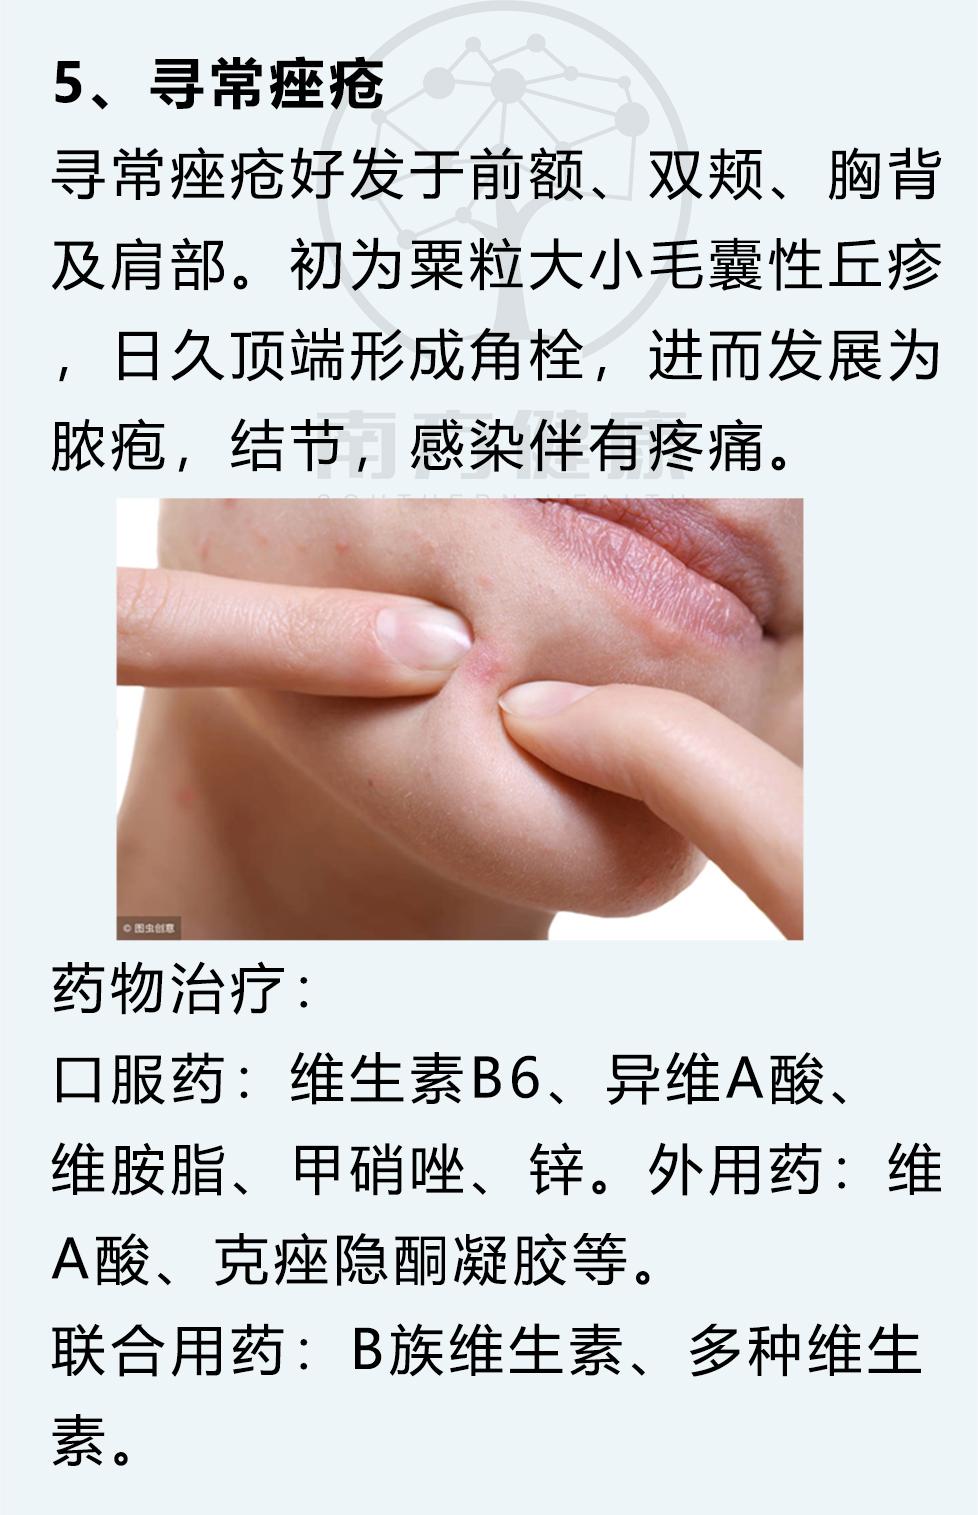 最全8大皮肤病对策、12种外用药宝典! 皮肤保养 第6张